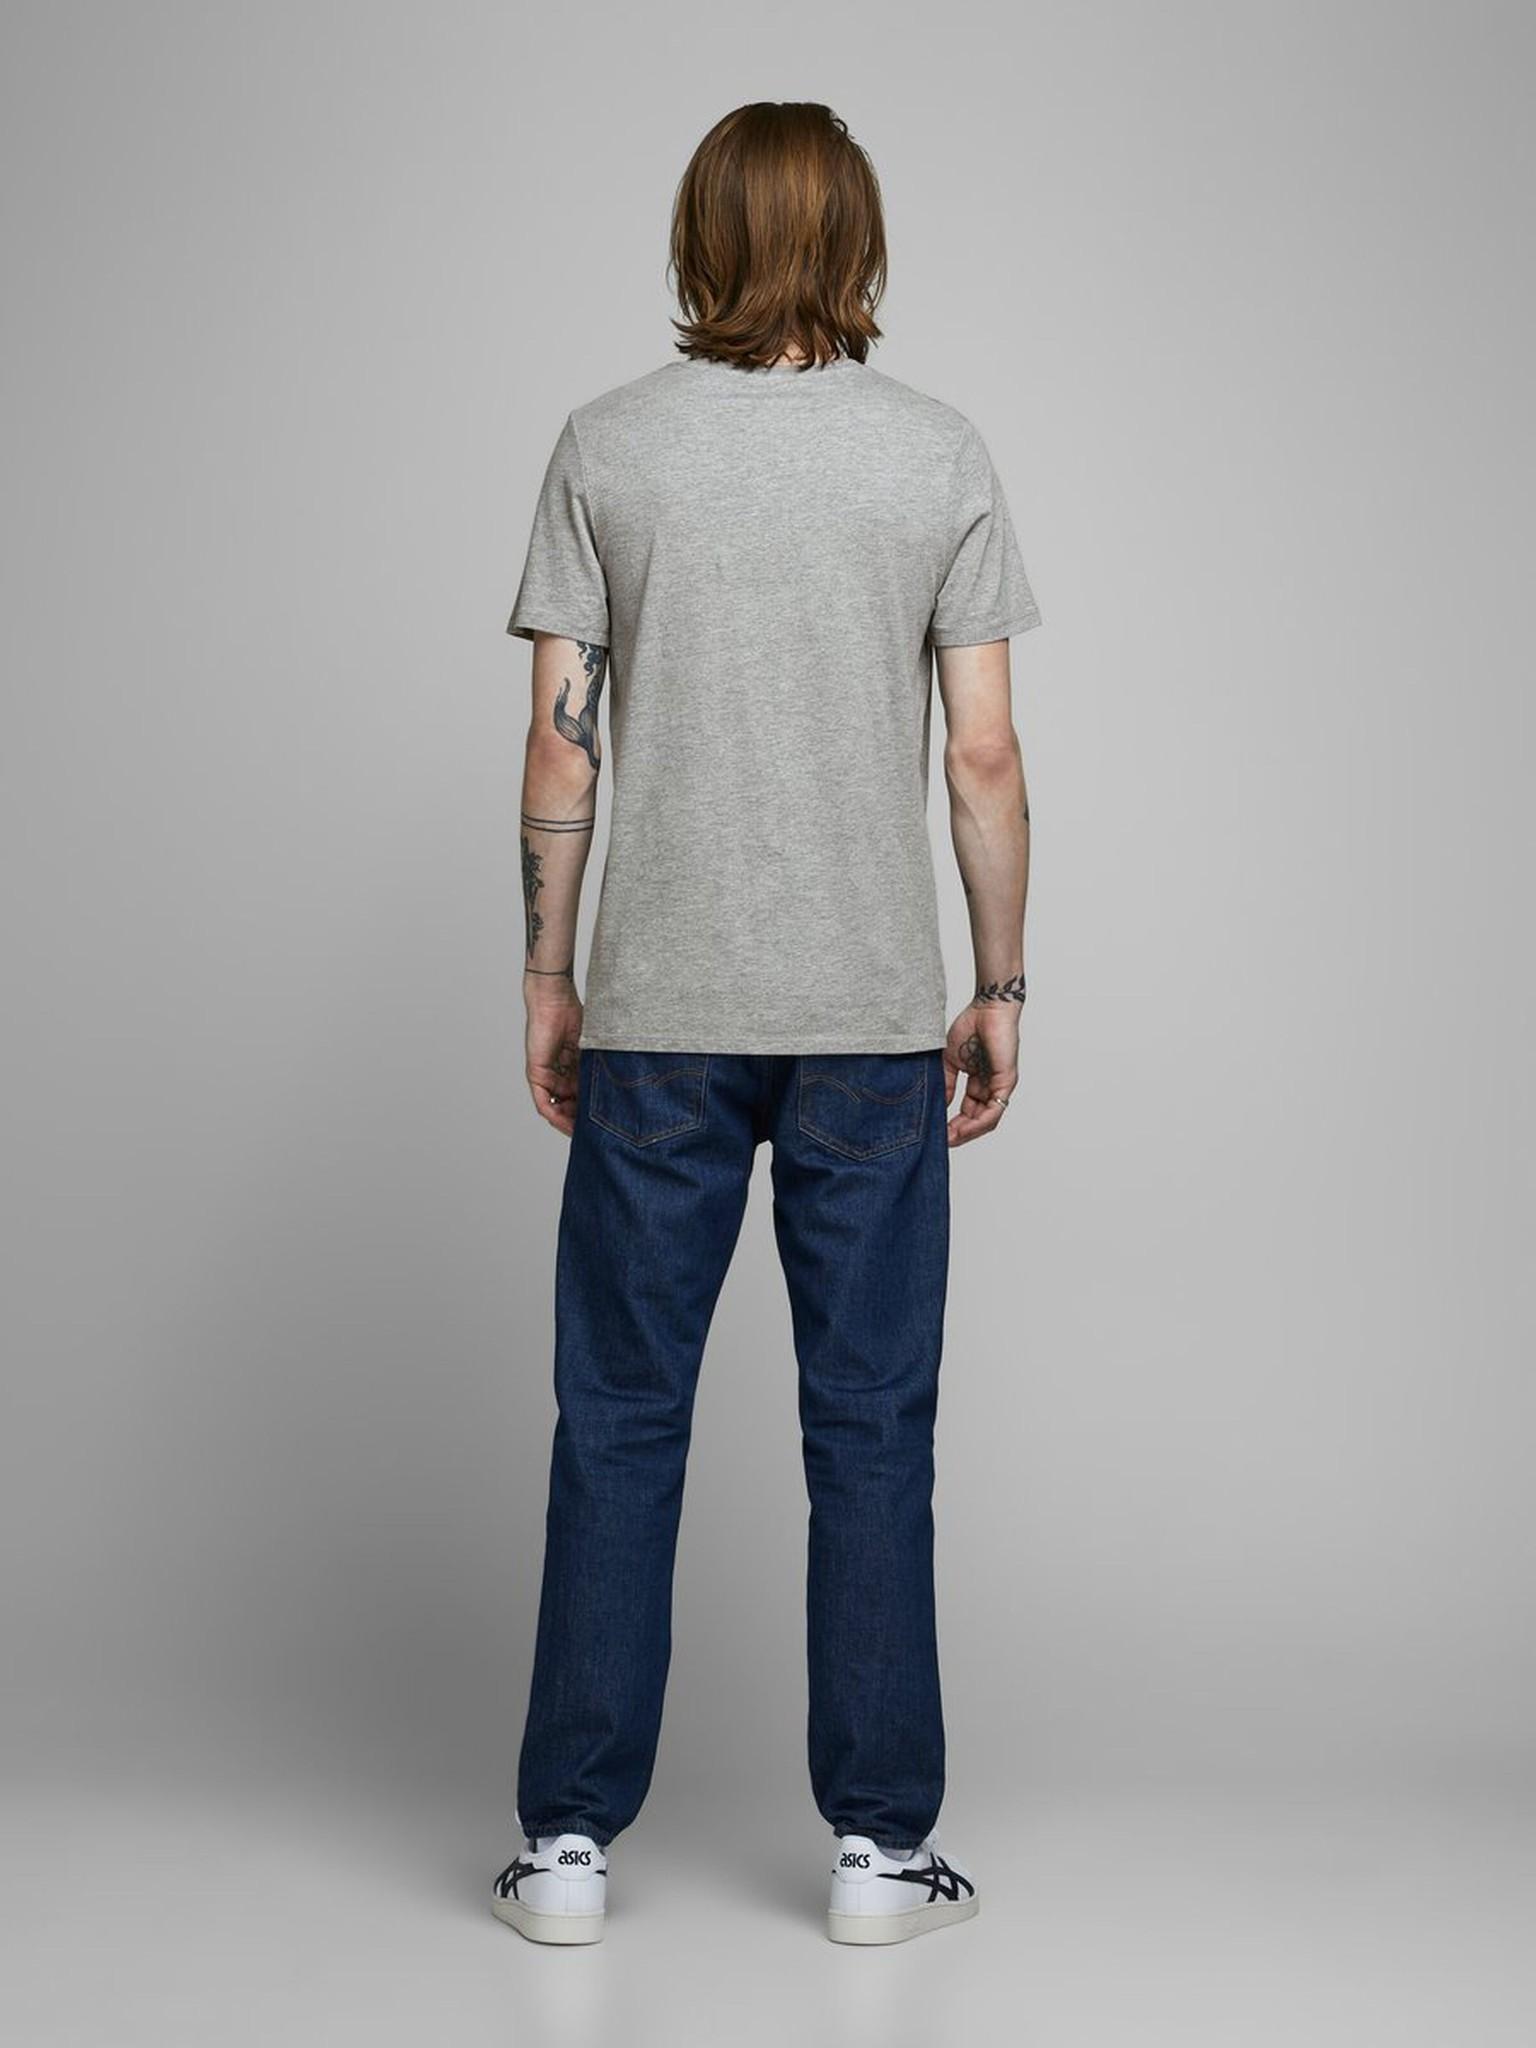 JACK & JONES coton biologique t shirt-12